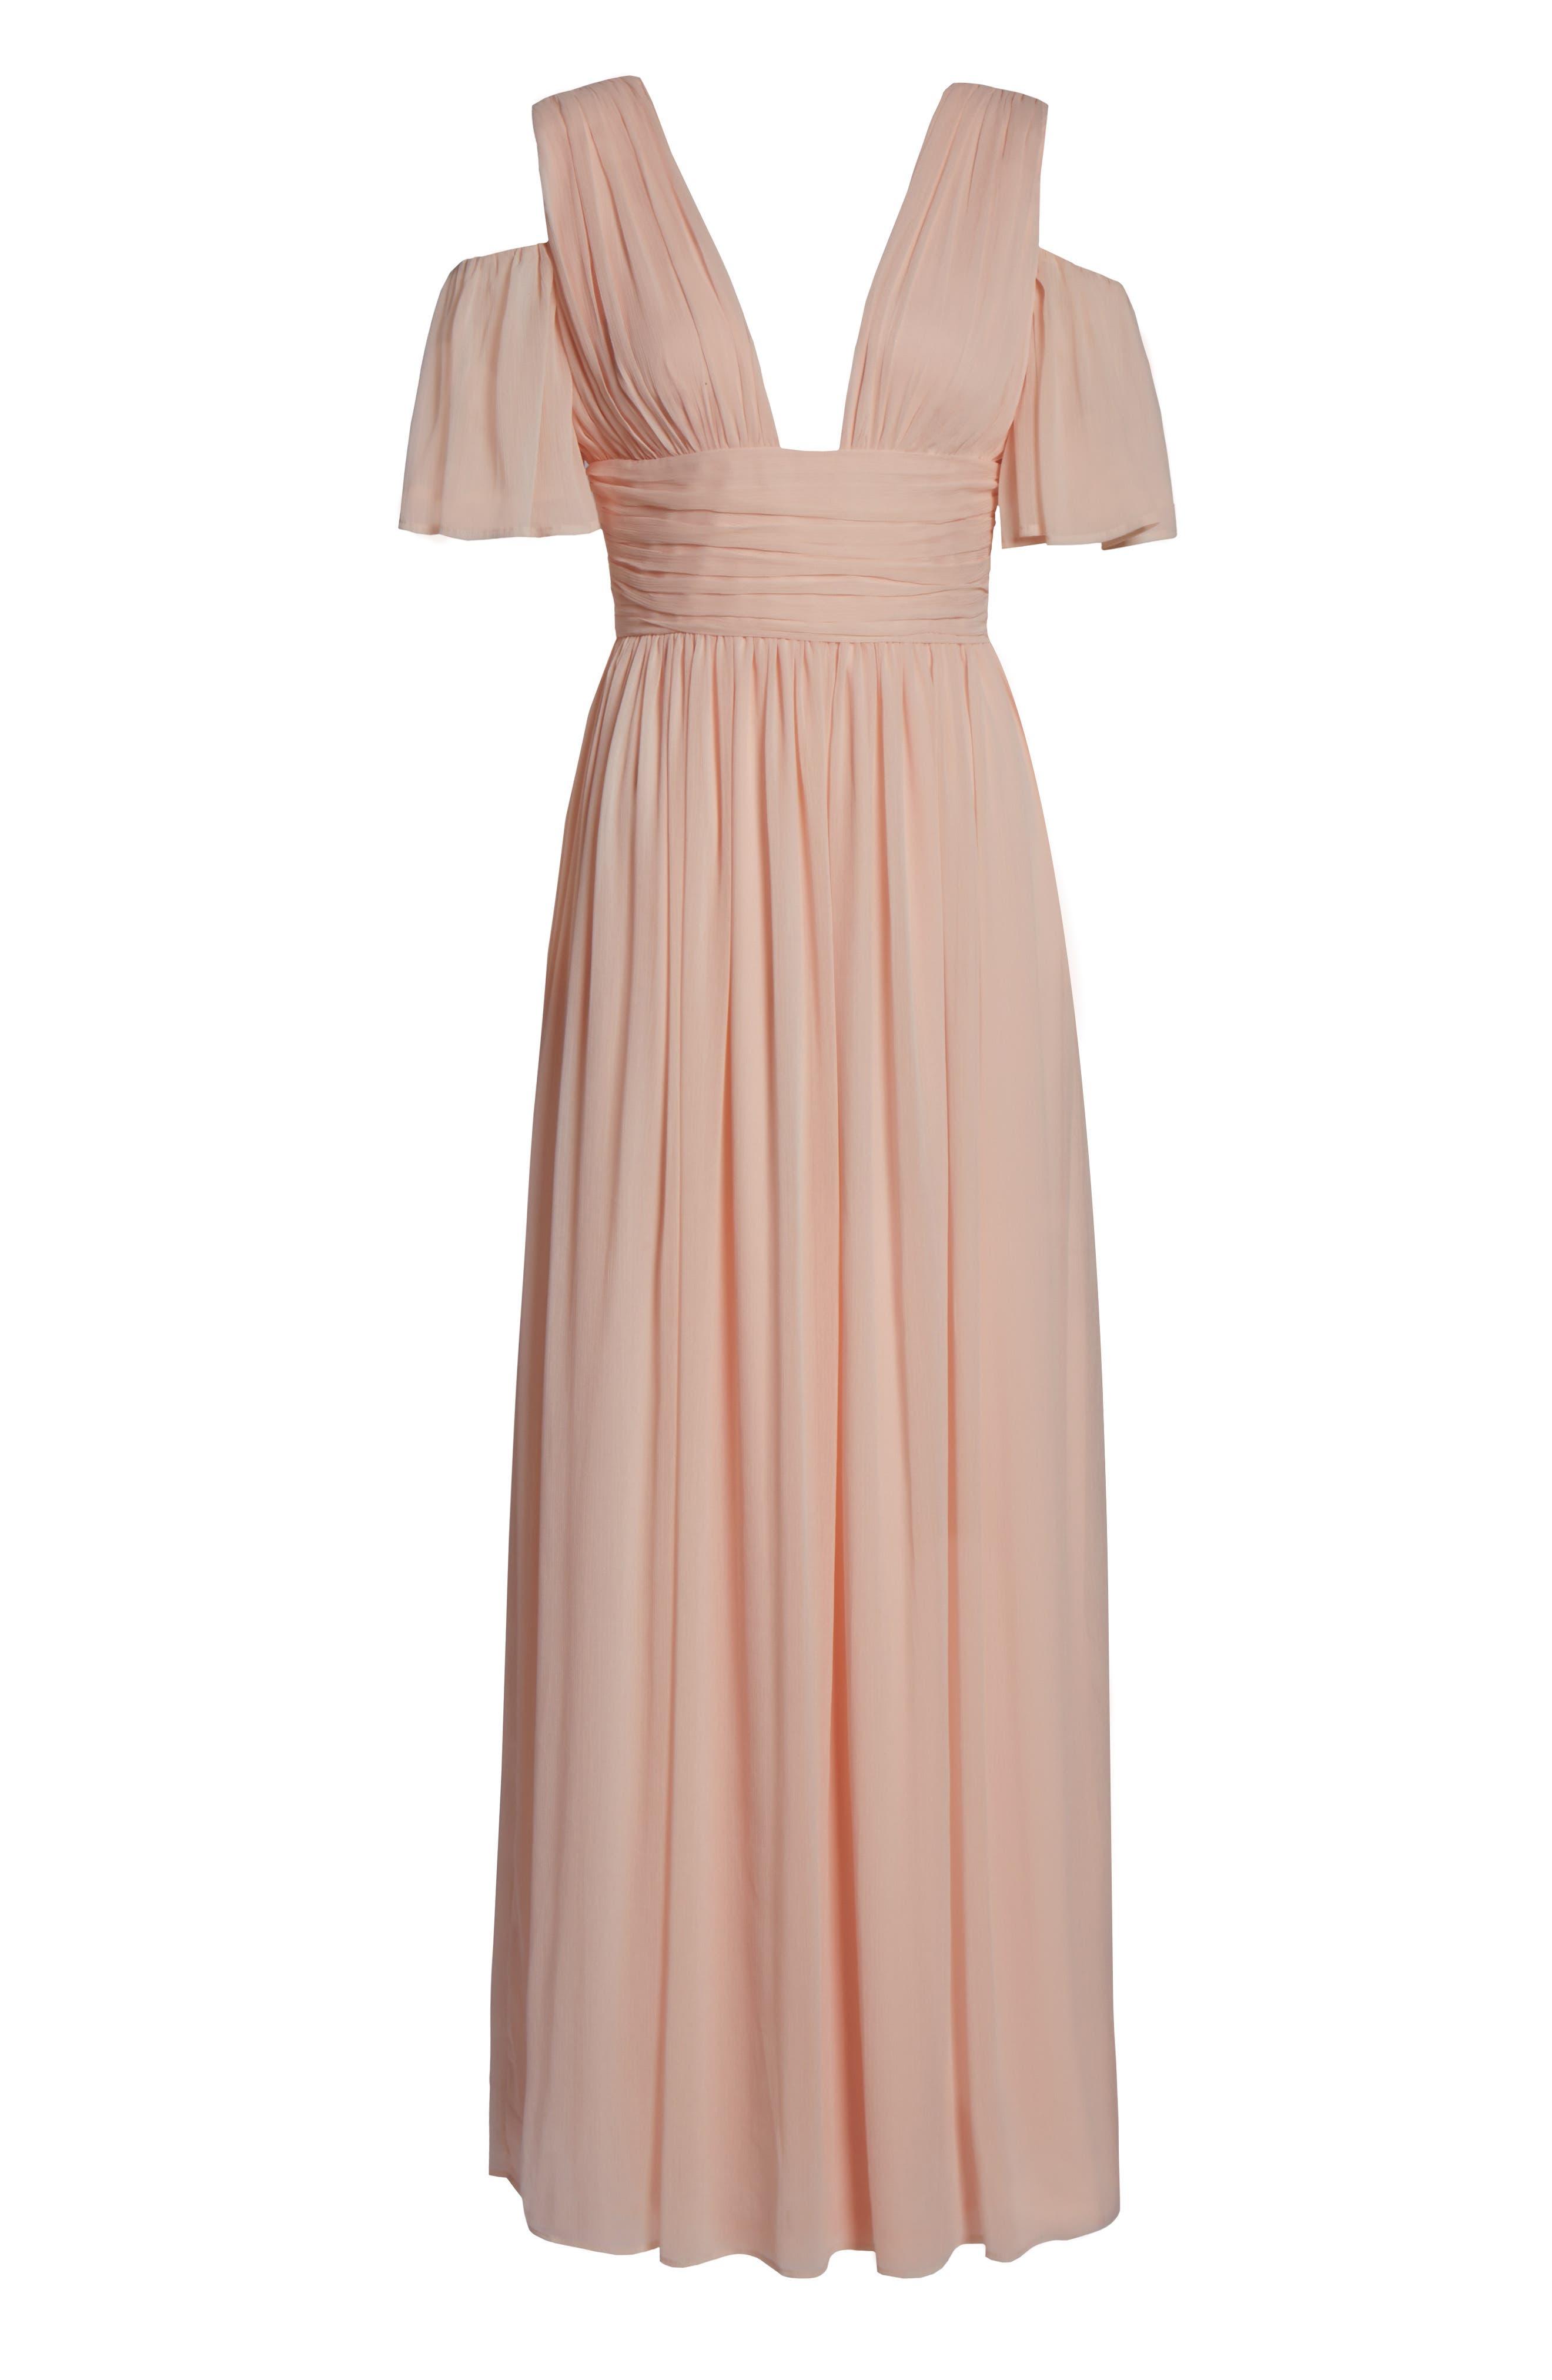 Constance Cold Shoulder Maxi Dress,                             Alternate thumbnail 6, color,                             680